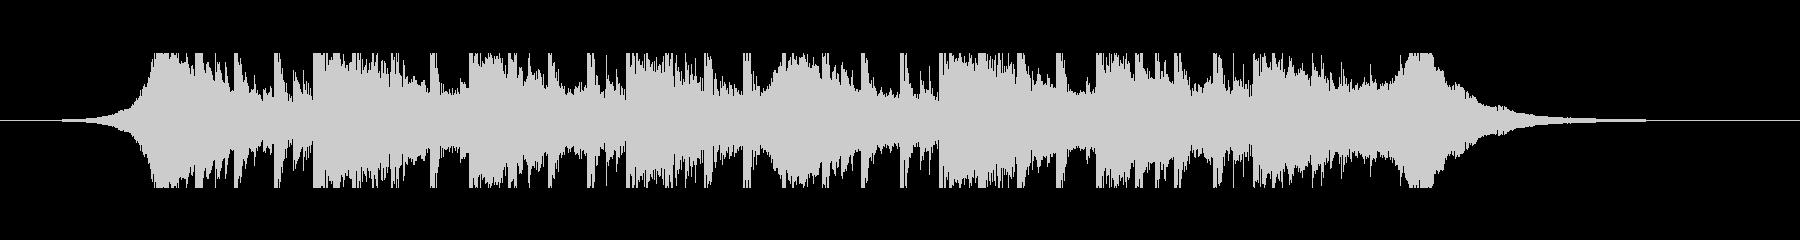 医学的背景(30秒)の未再生の波形